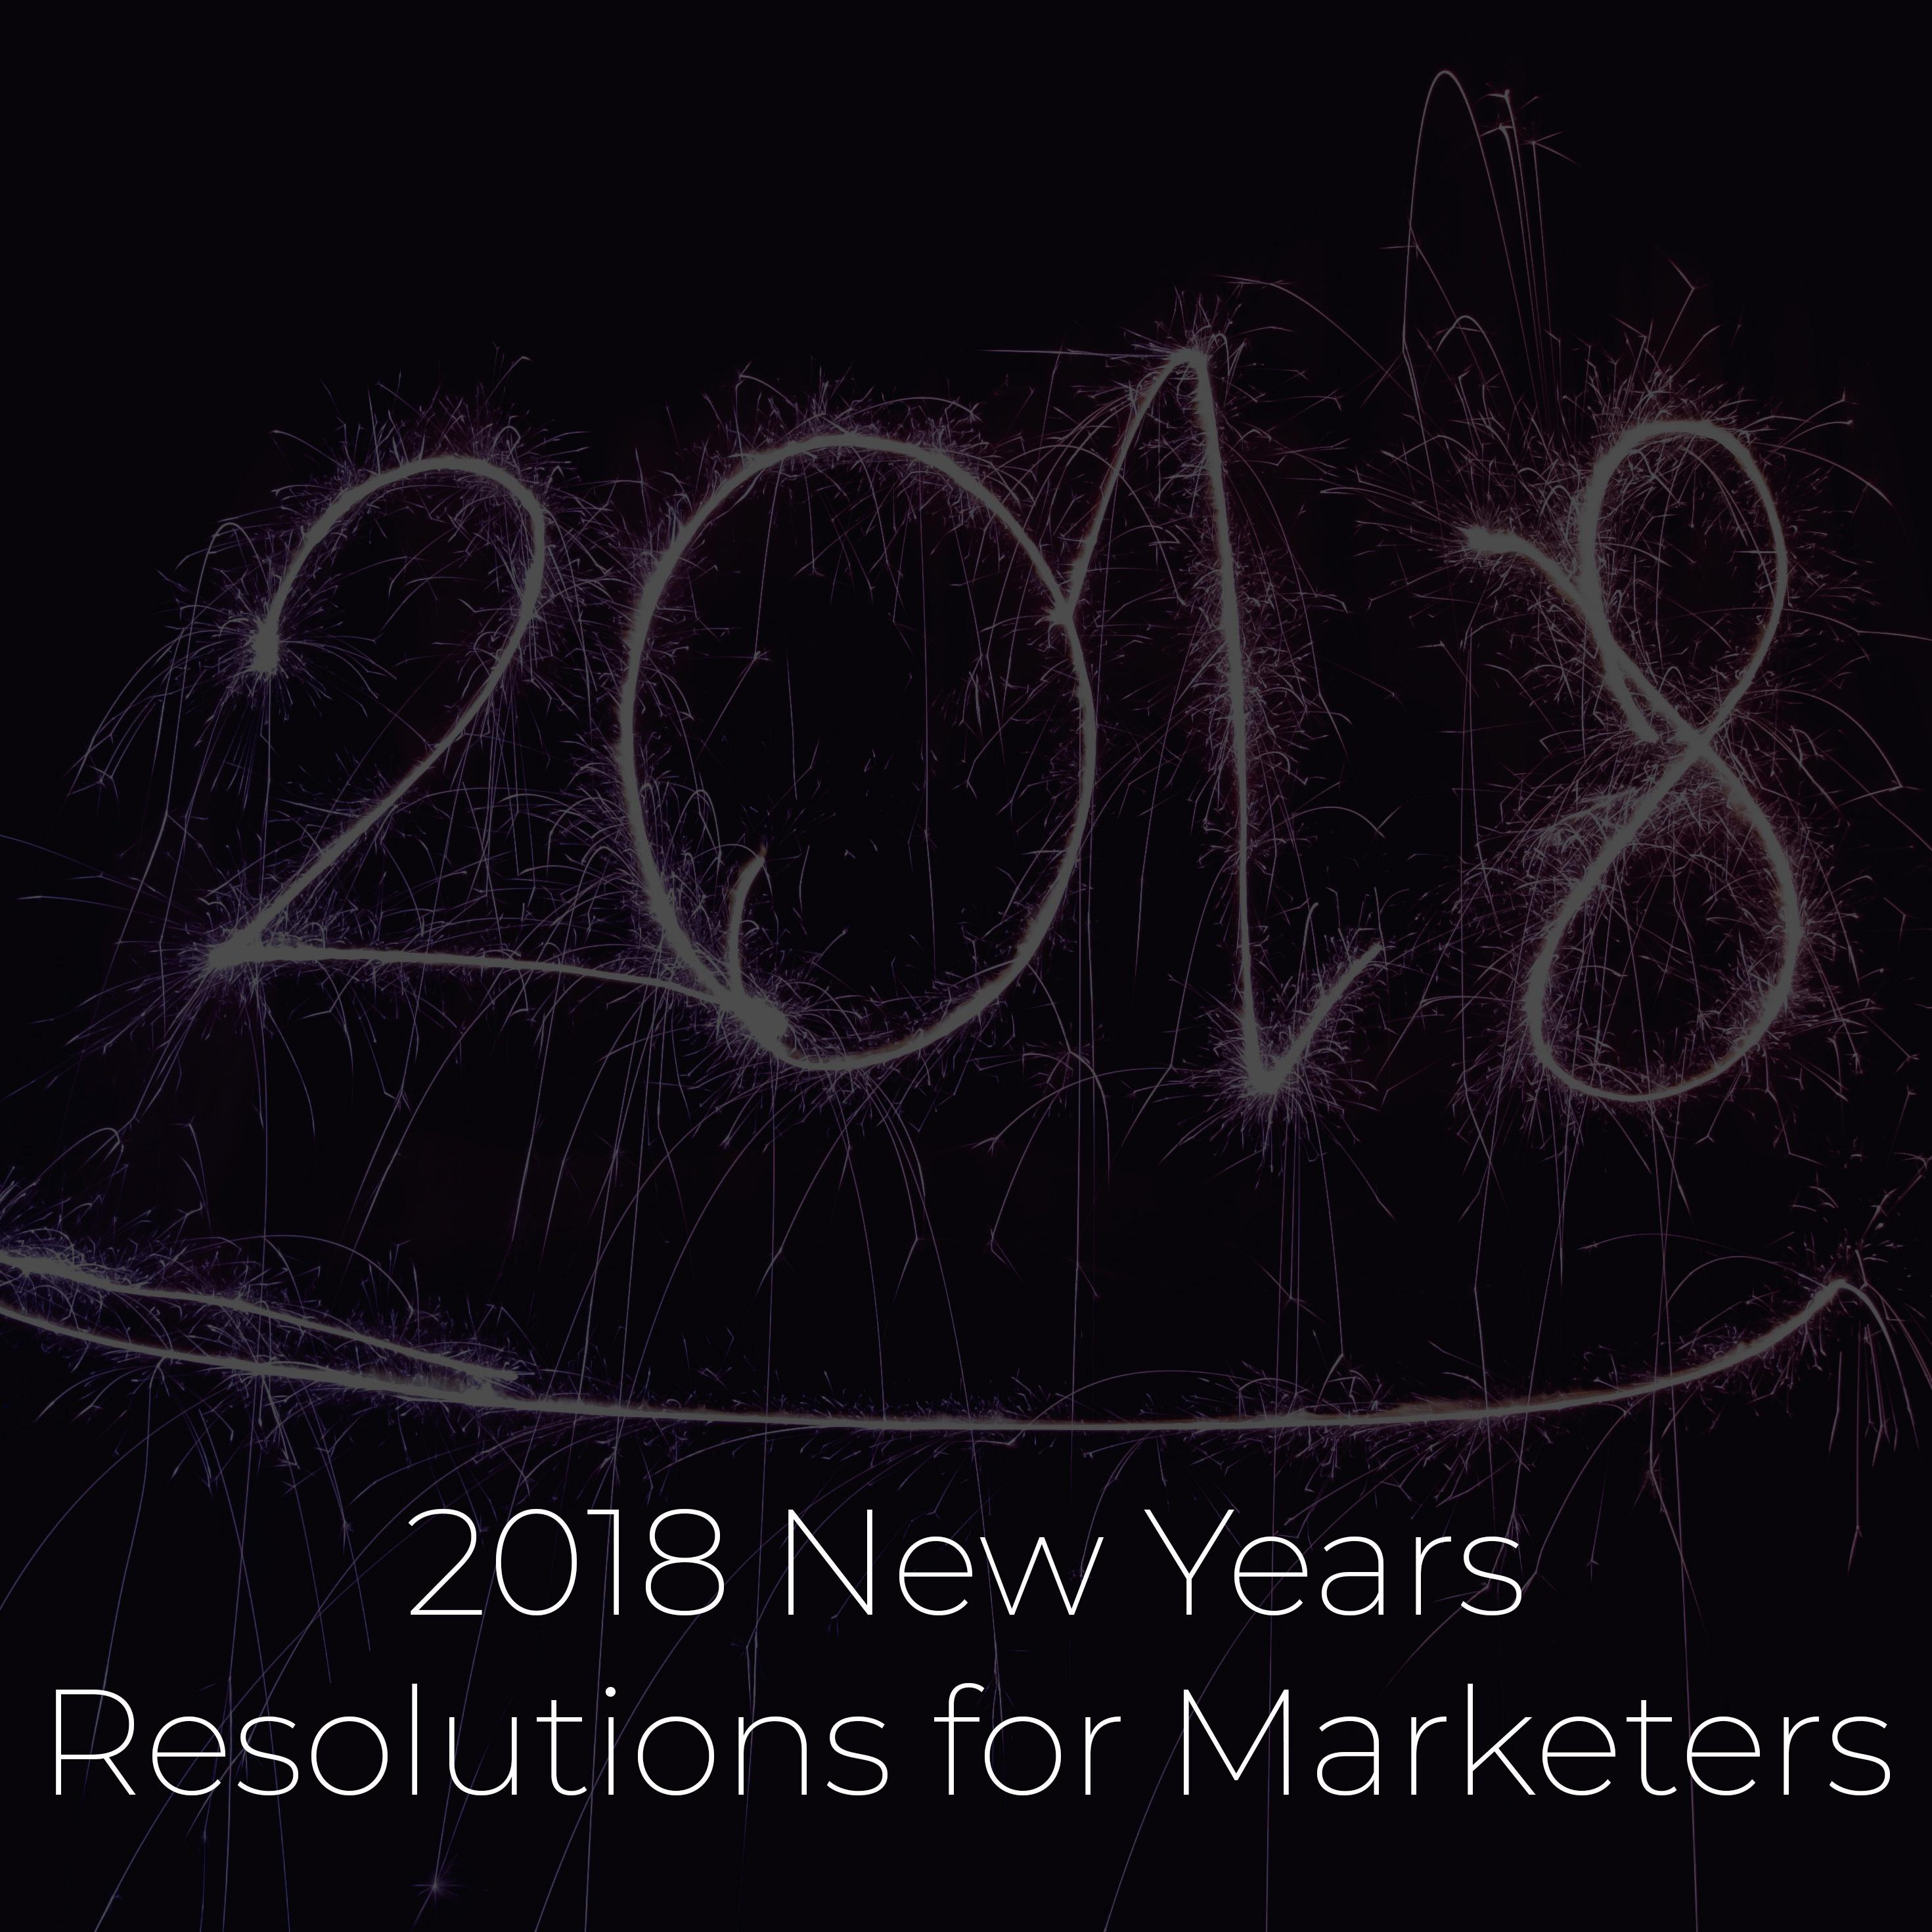 2018 new years blog.jpg